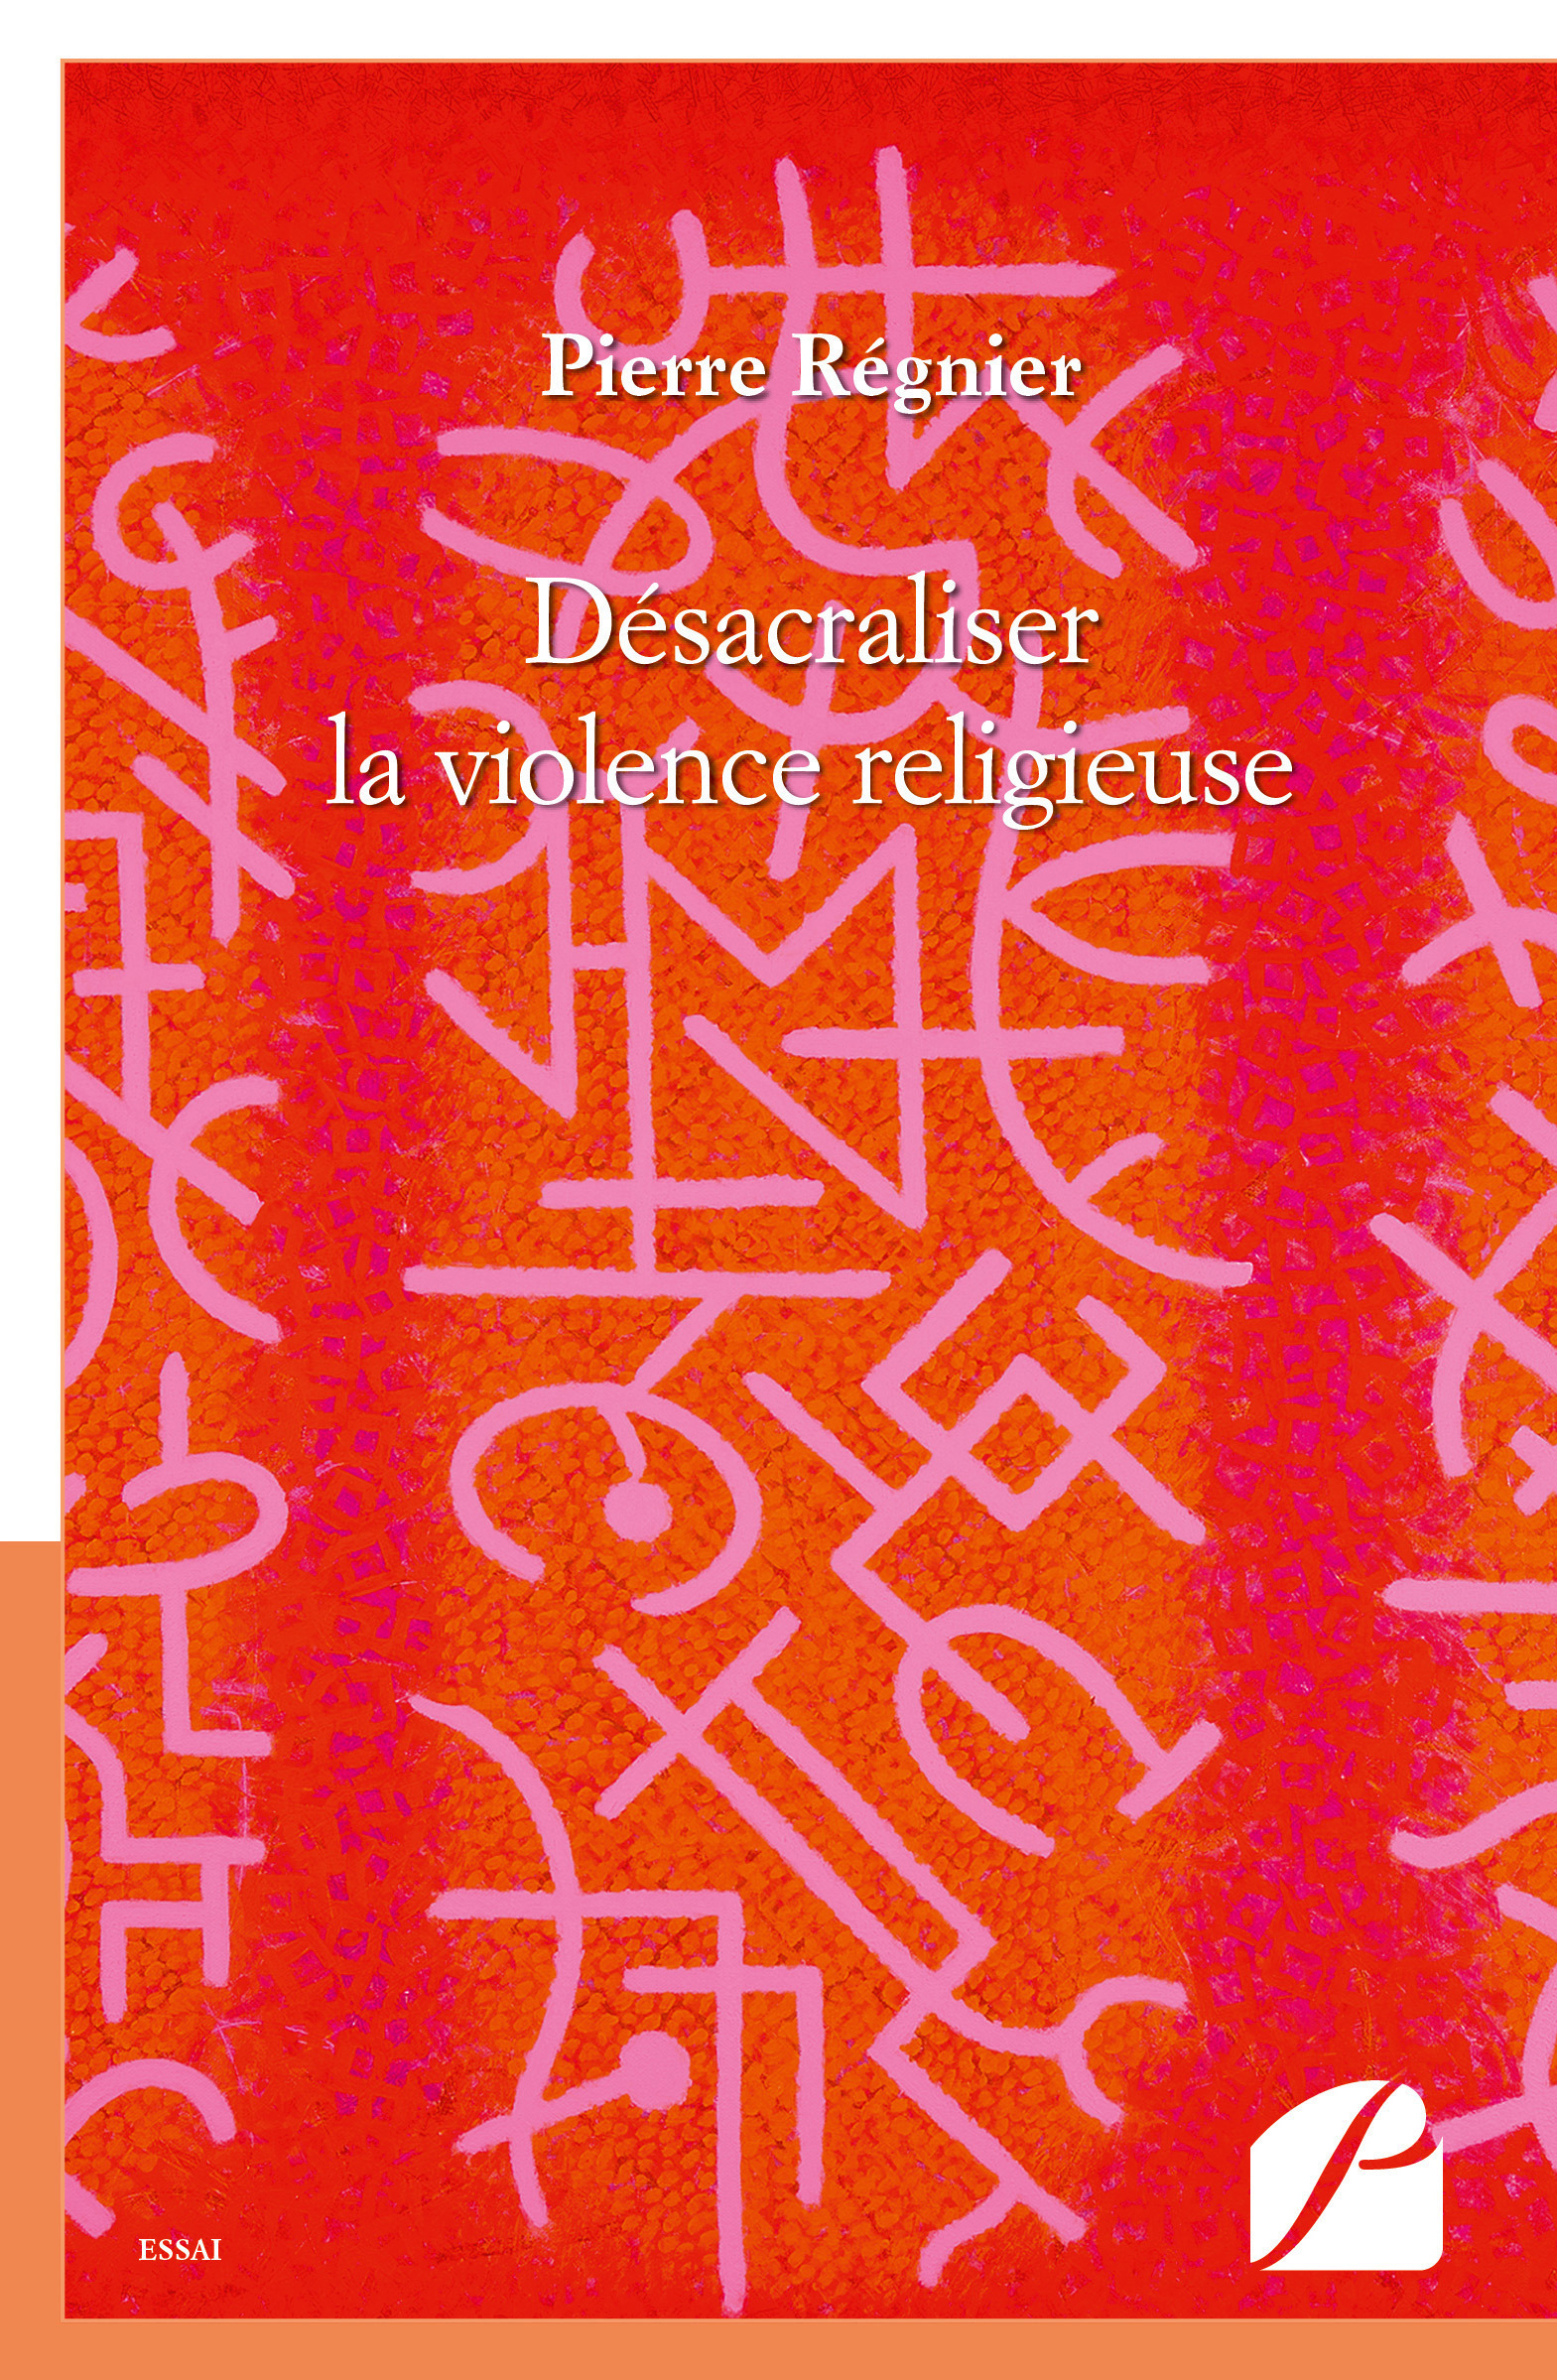 Pierre Régnier Désacraliser la violence religieuse